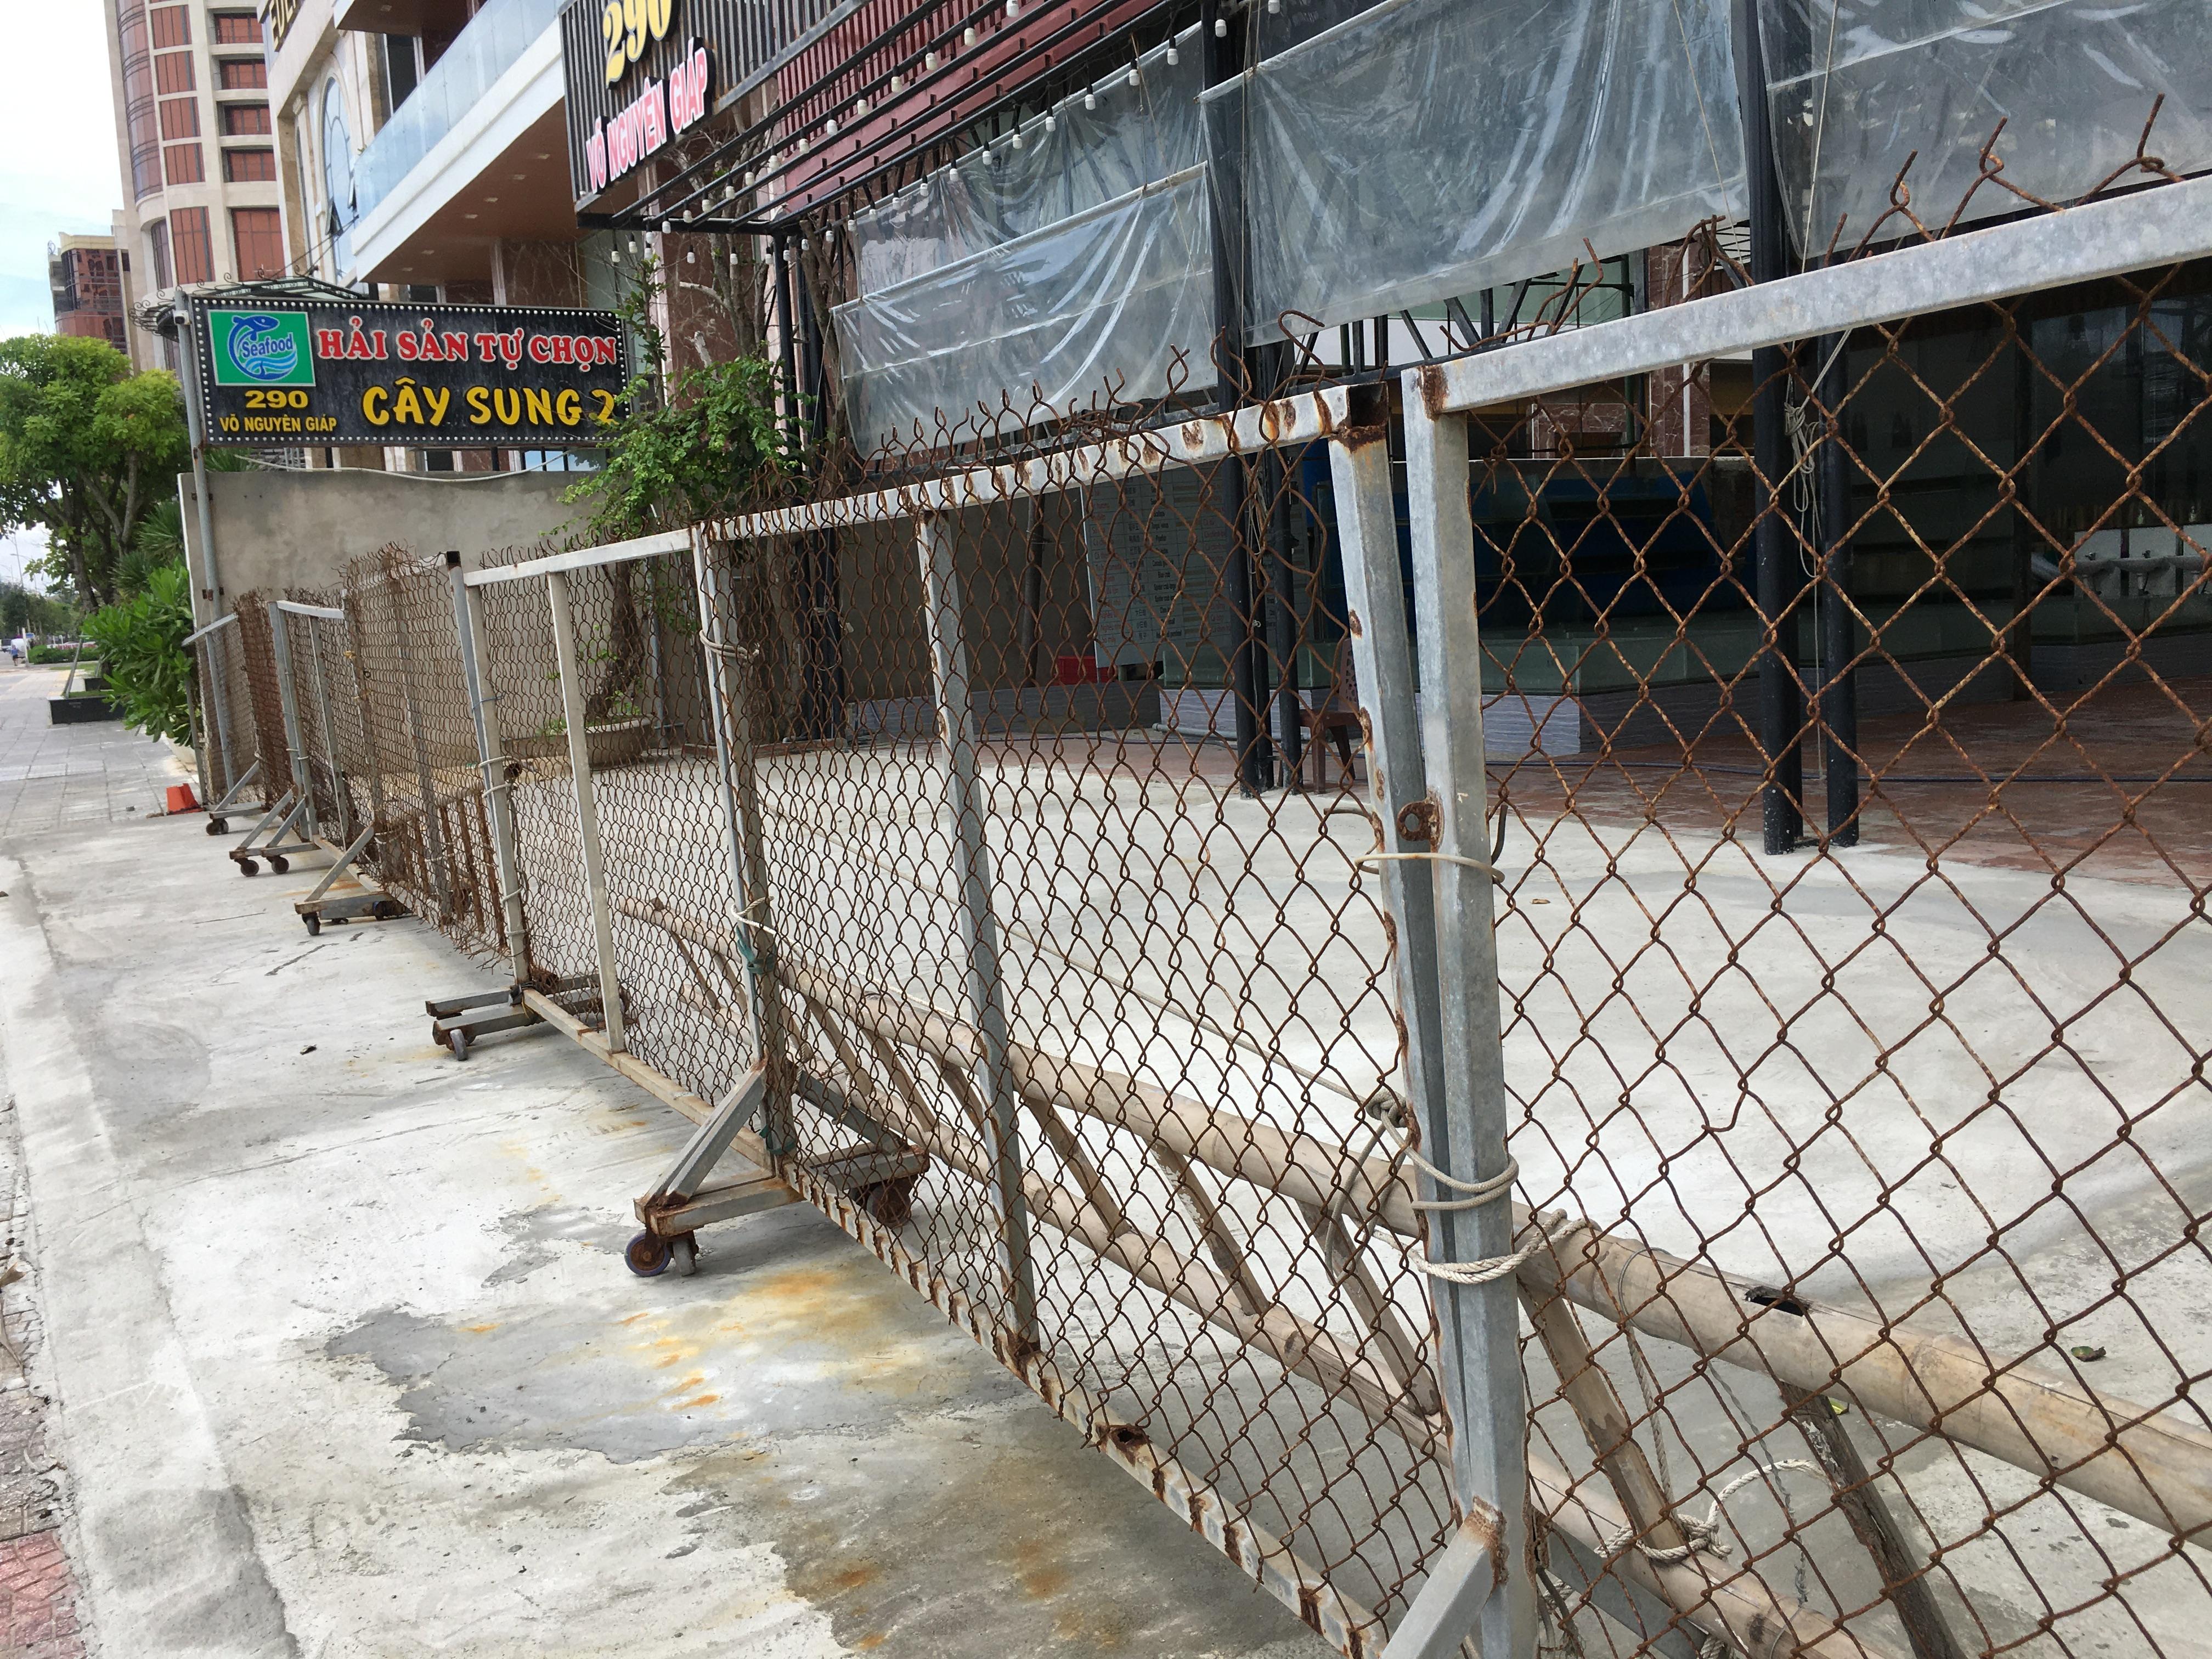 Khách sạn ở Đà Nẵng đóng cửa im ỉm dù chính quyền cho đón khách trở lại - Ảnh 10.